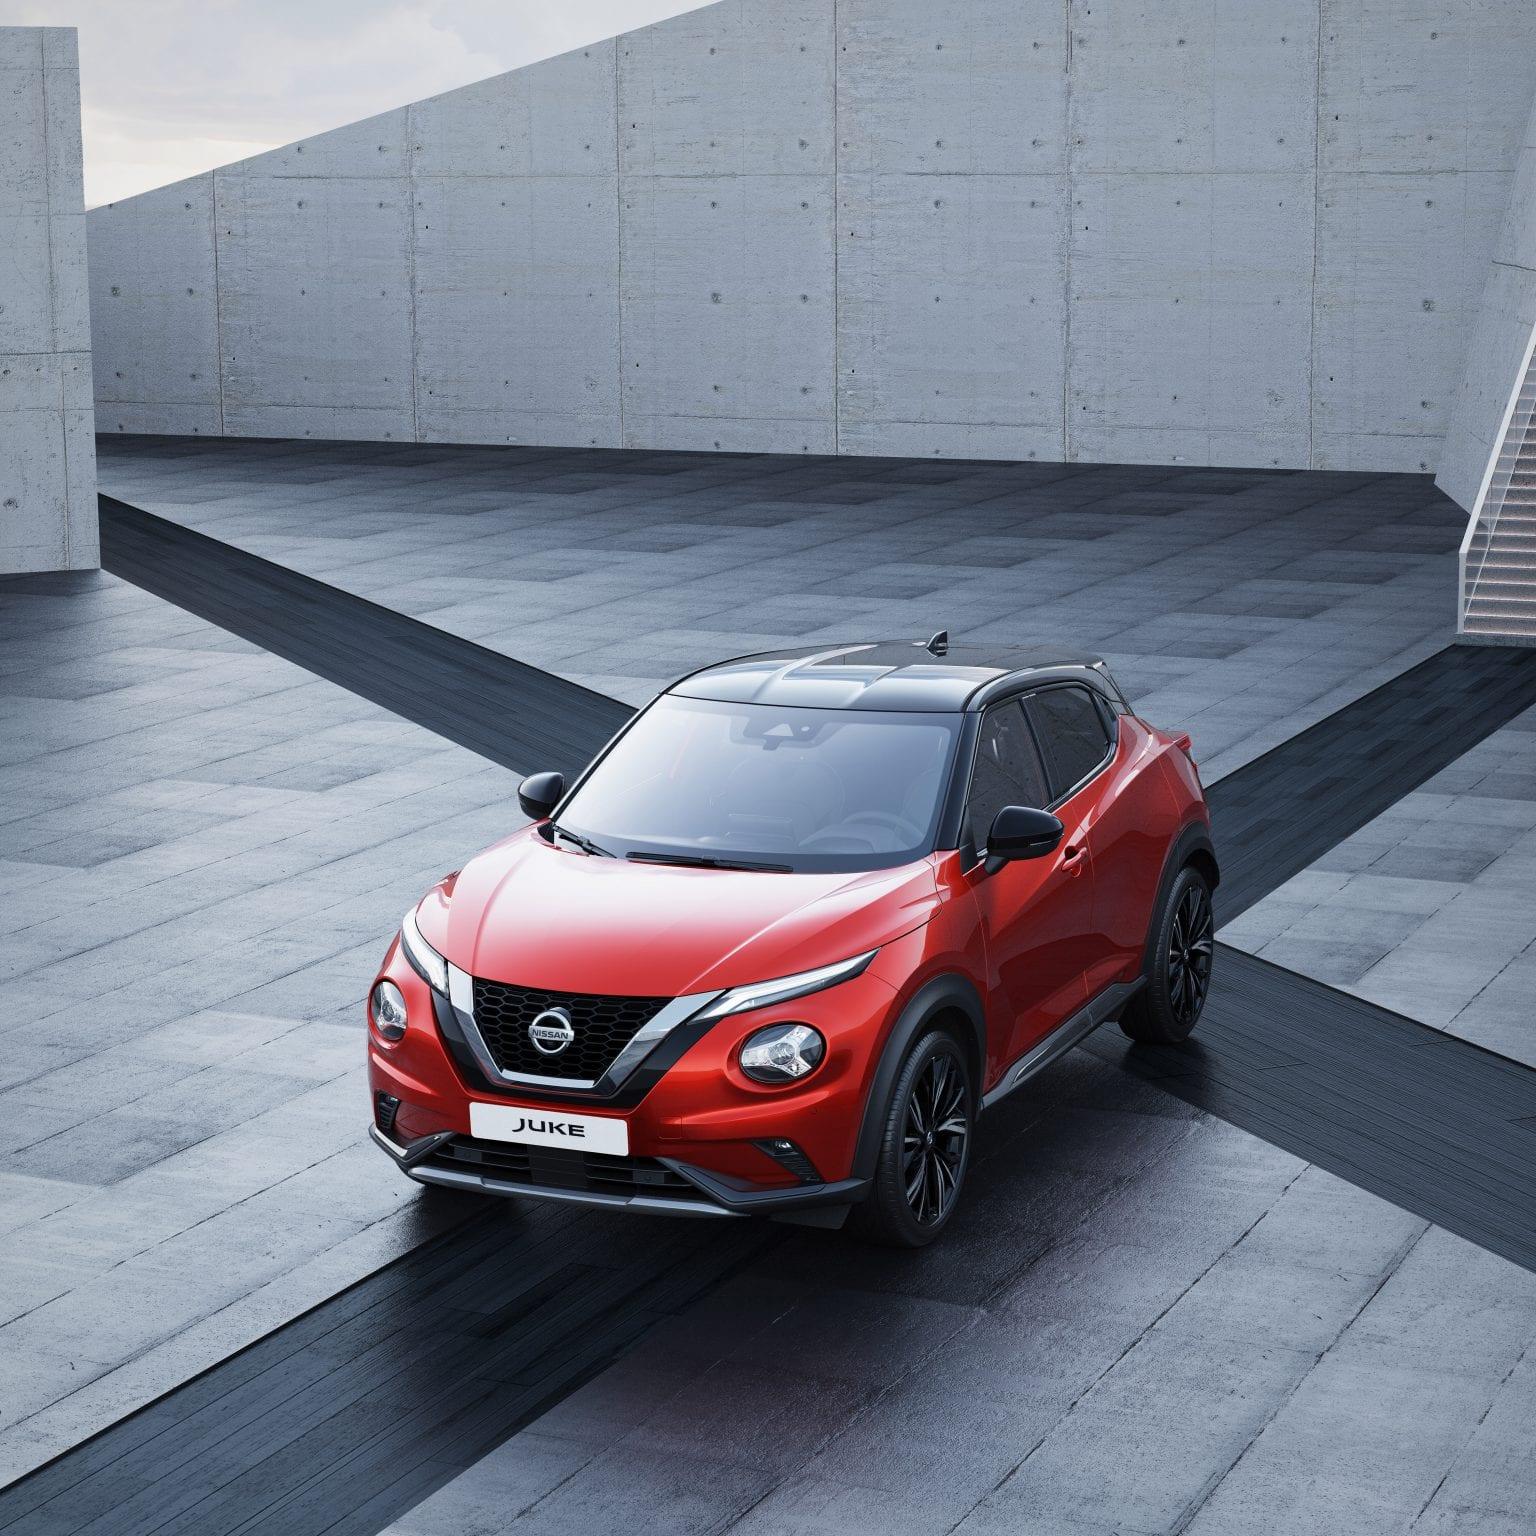 De Nissan JUKE